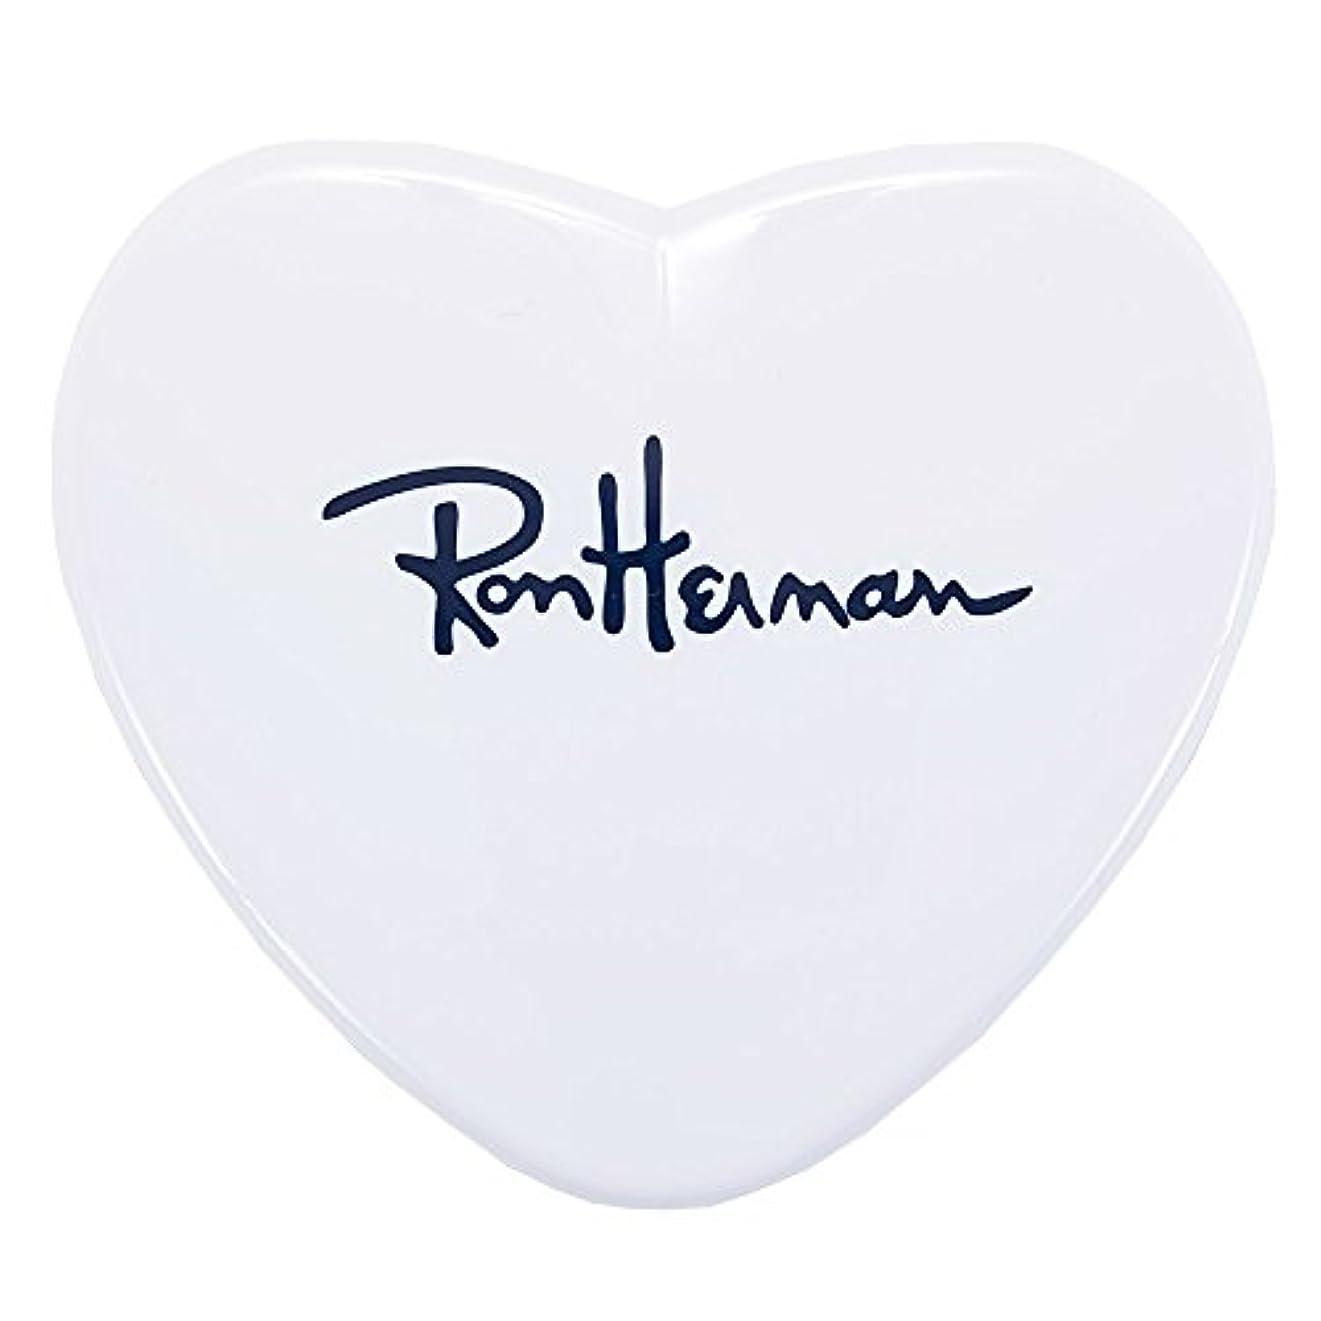 泥沼刈り取る類推ロンハーマン Ron Herman RH ミラー 鏡 手鏡 ハート型ミラー HEART MILLER